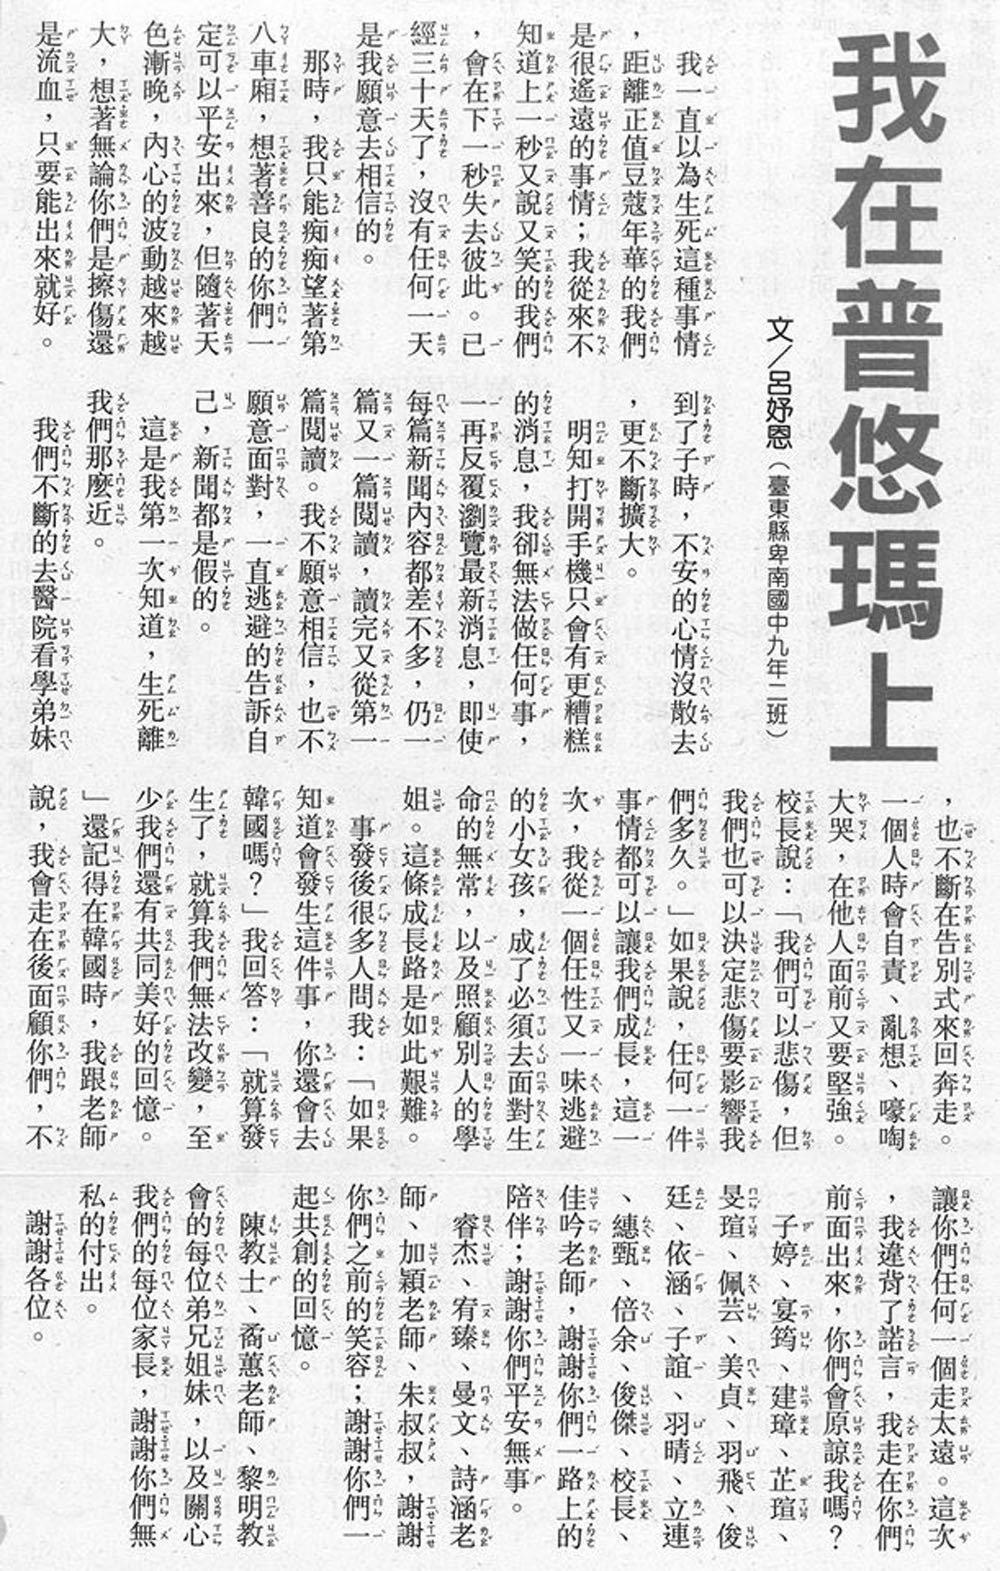 圖取自國語日報讀享會